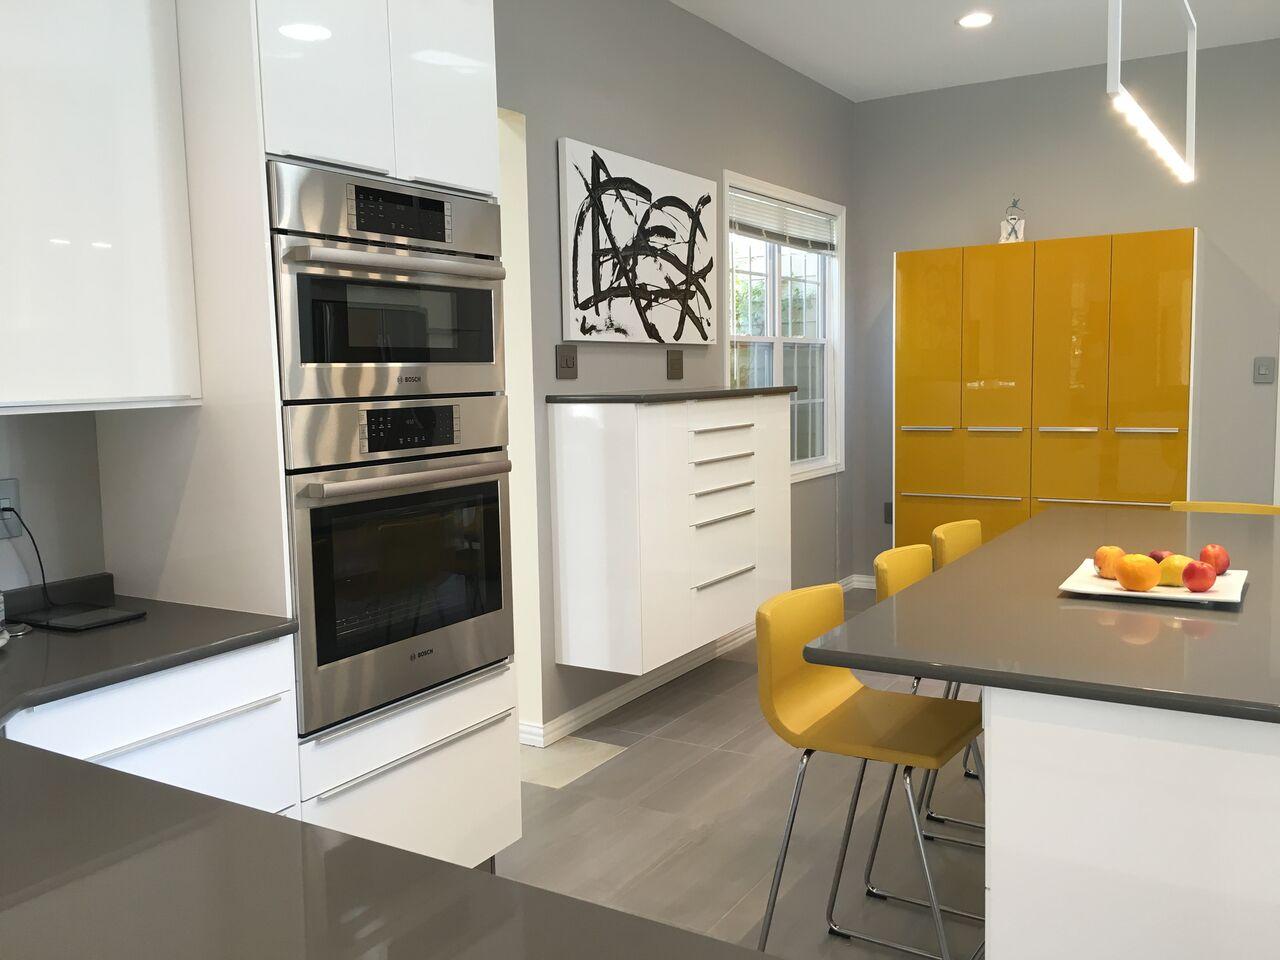 Full Size of Ikea Kitchen 10 Ringhult White With High Gloss Yellow Accent Miniküche Küche Kosten Sofa Mit Schlaffunktion Betten Bei Modulküche Kaufen 160x200 Wohnzimmer Ringhult Ikea